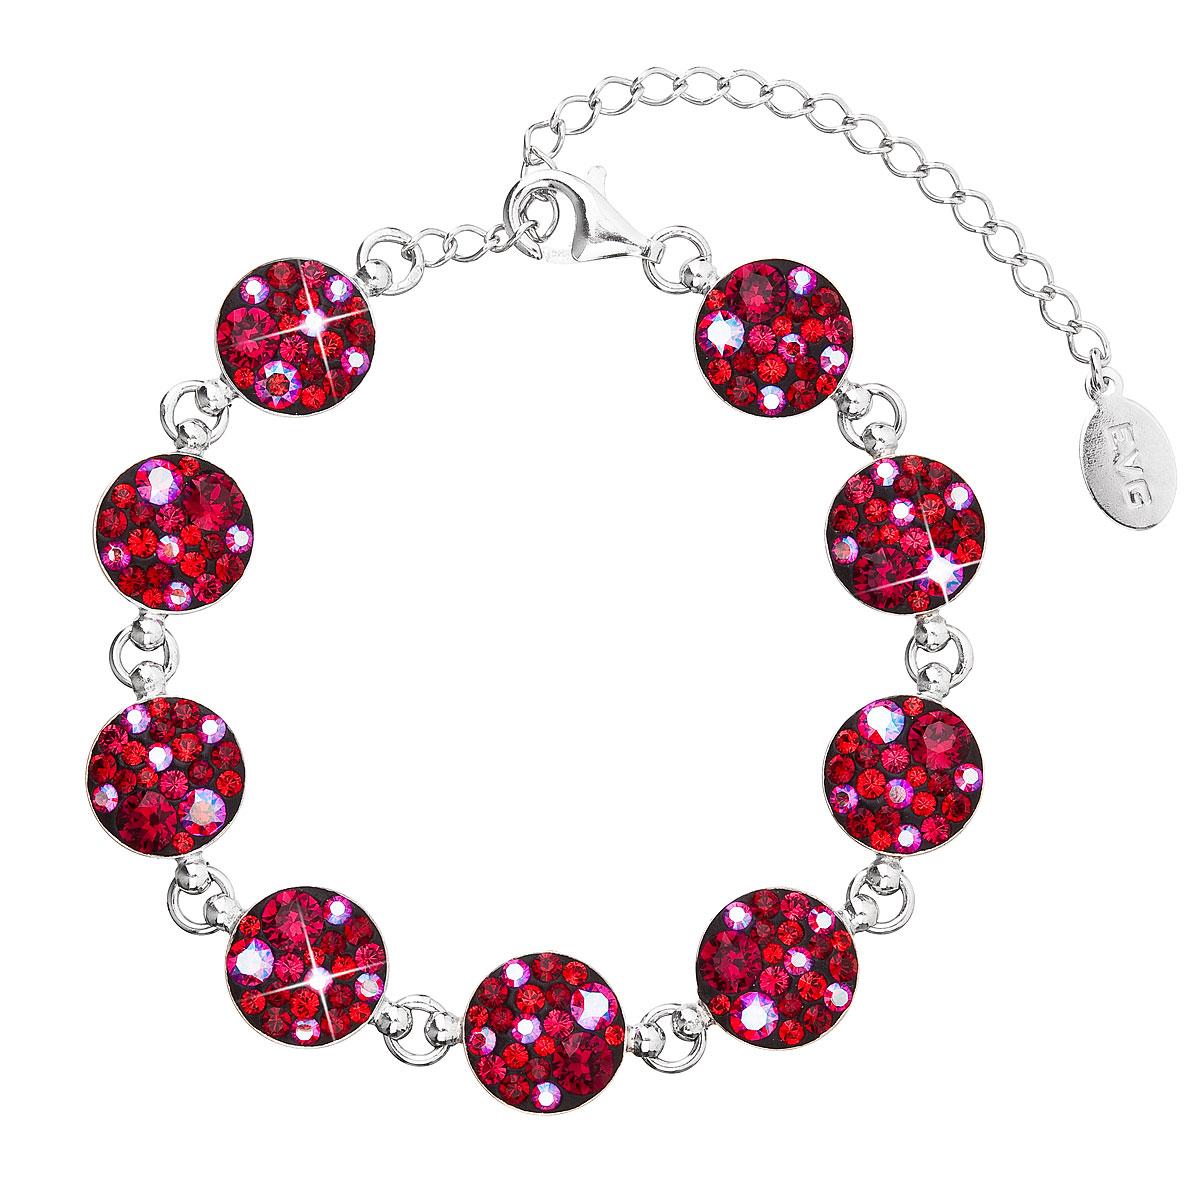 Stříbrný náramek se Swarovski krystaly červený 33048.3 cherry